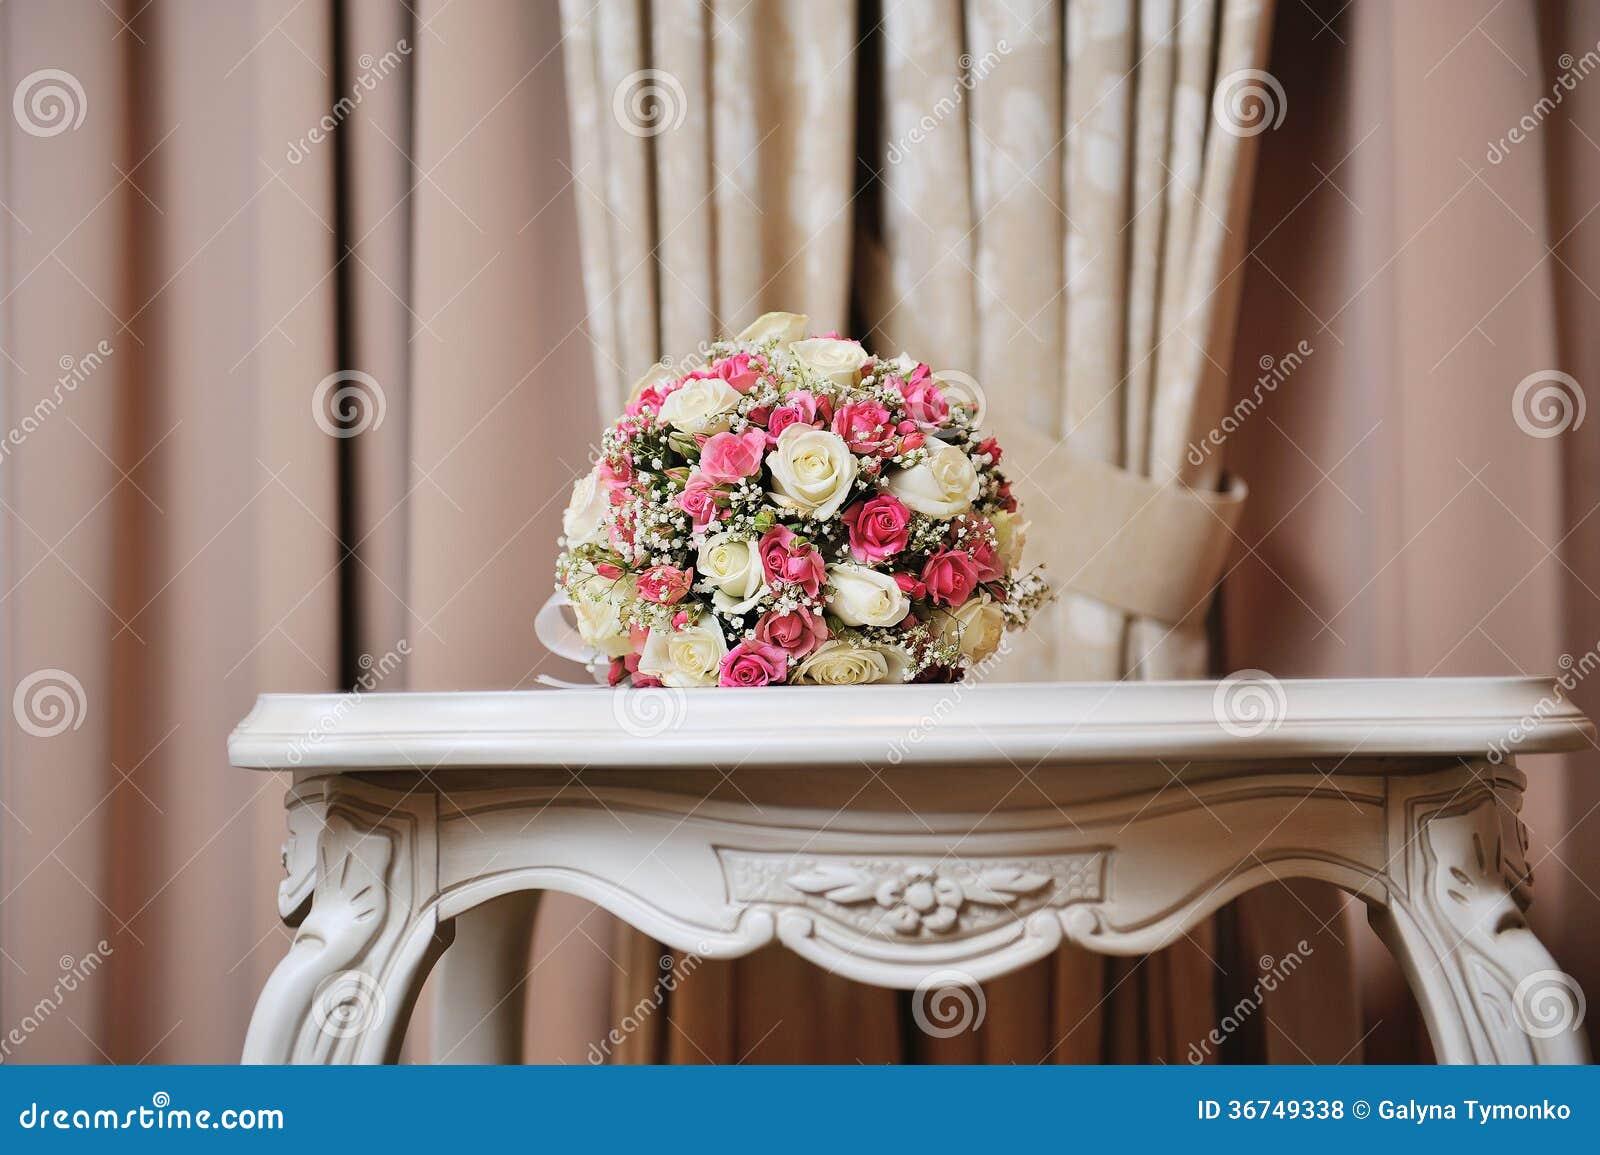 hochzeitsblumenstrau der braut bunte blumen rosa wei e rosen die auf tabelle an der. Black Bedroom Furniture Sets. Home Design Ideas